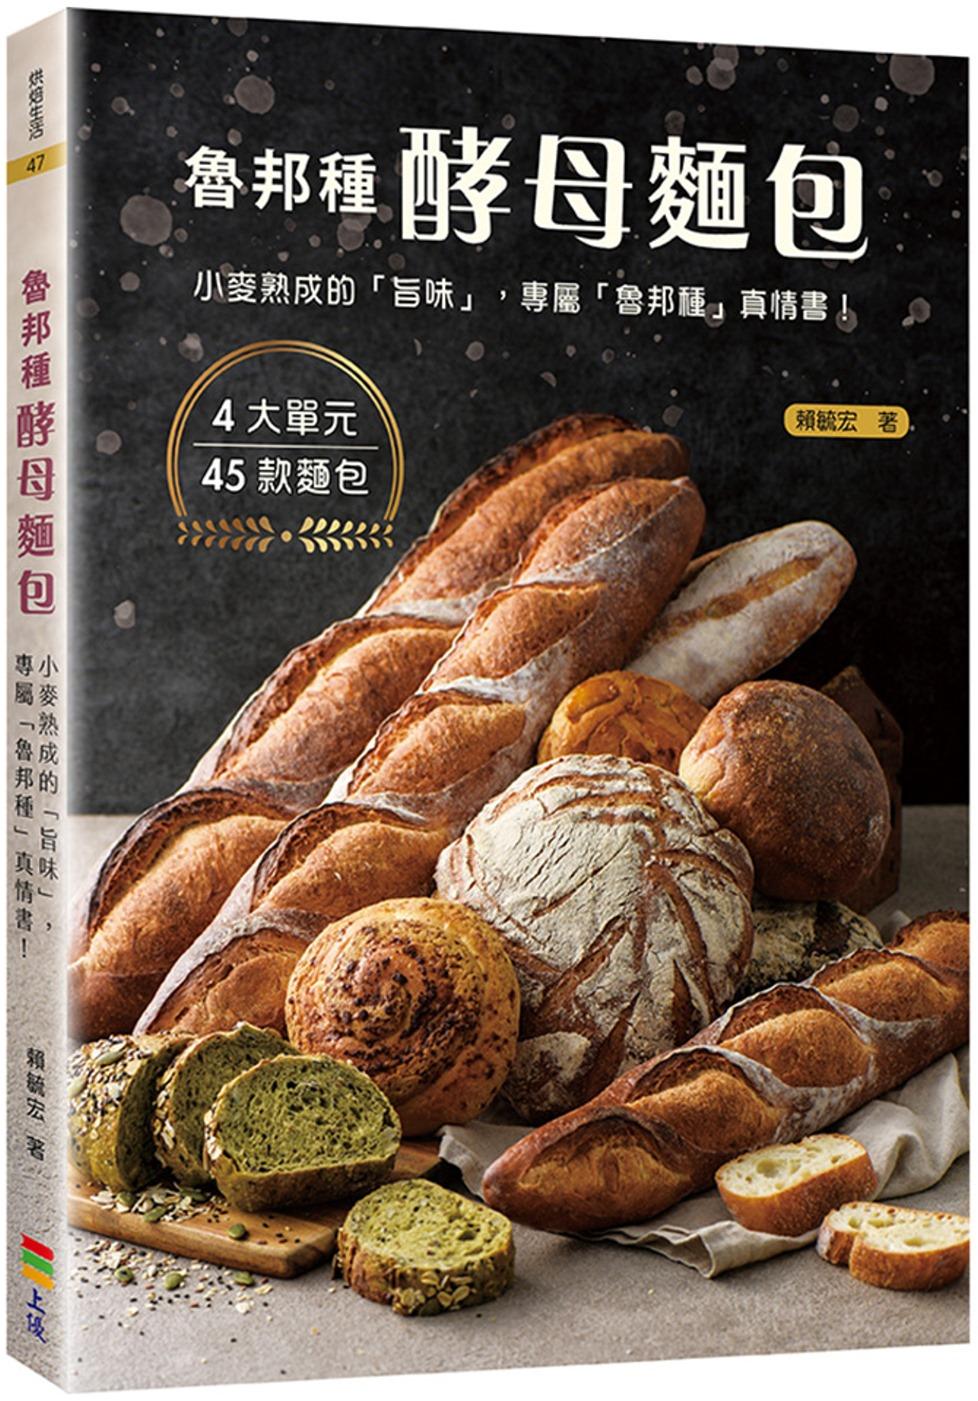 魯邦種酵母麵包(親簽版+贈品):小麥熟成的「旨味」(限台灣)